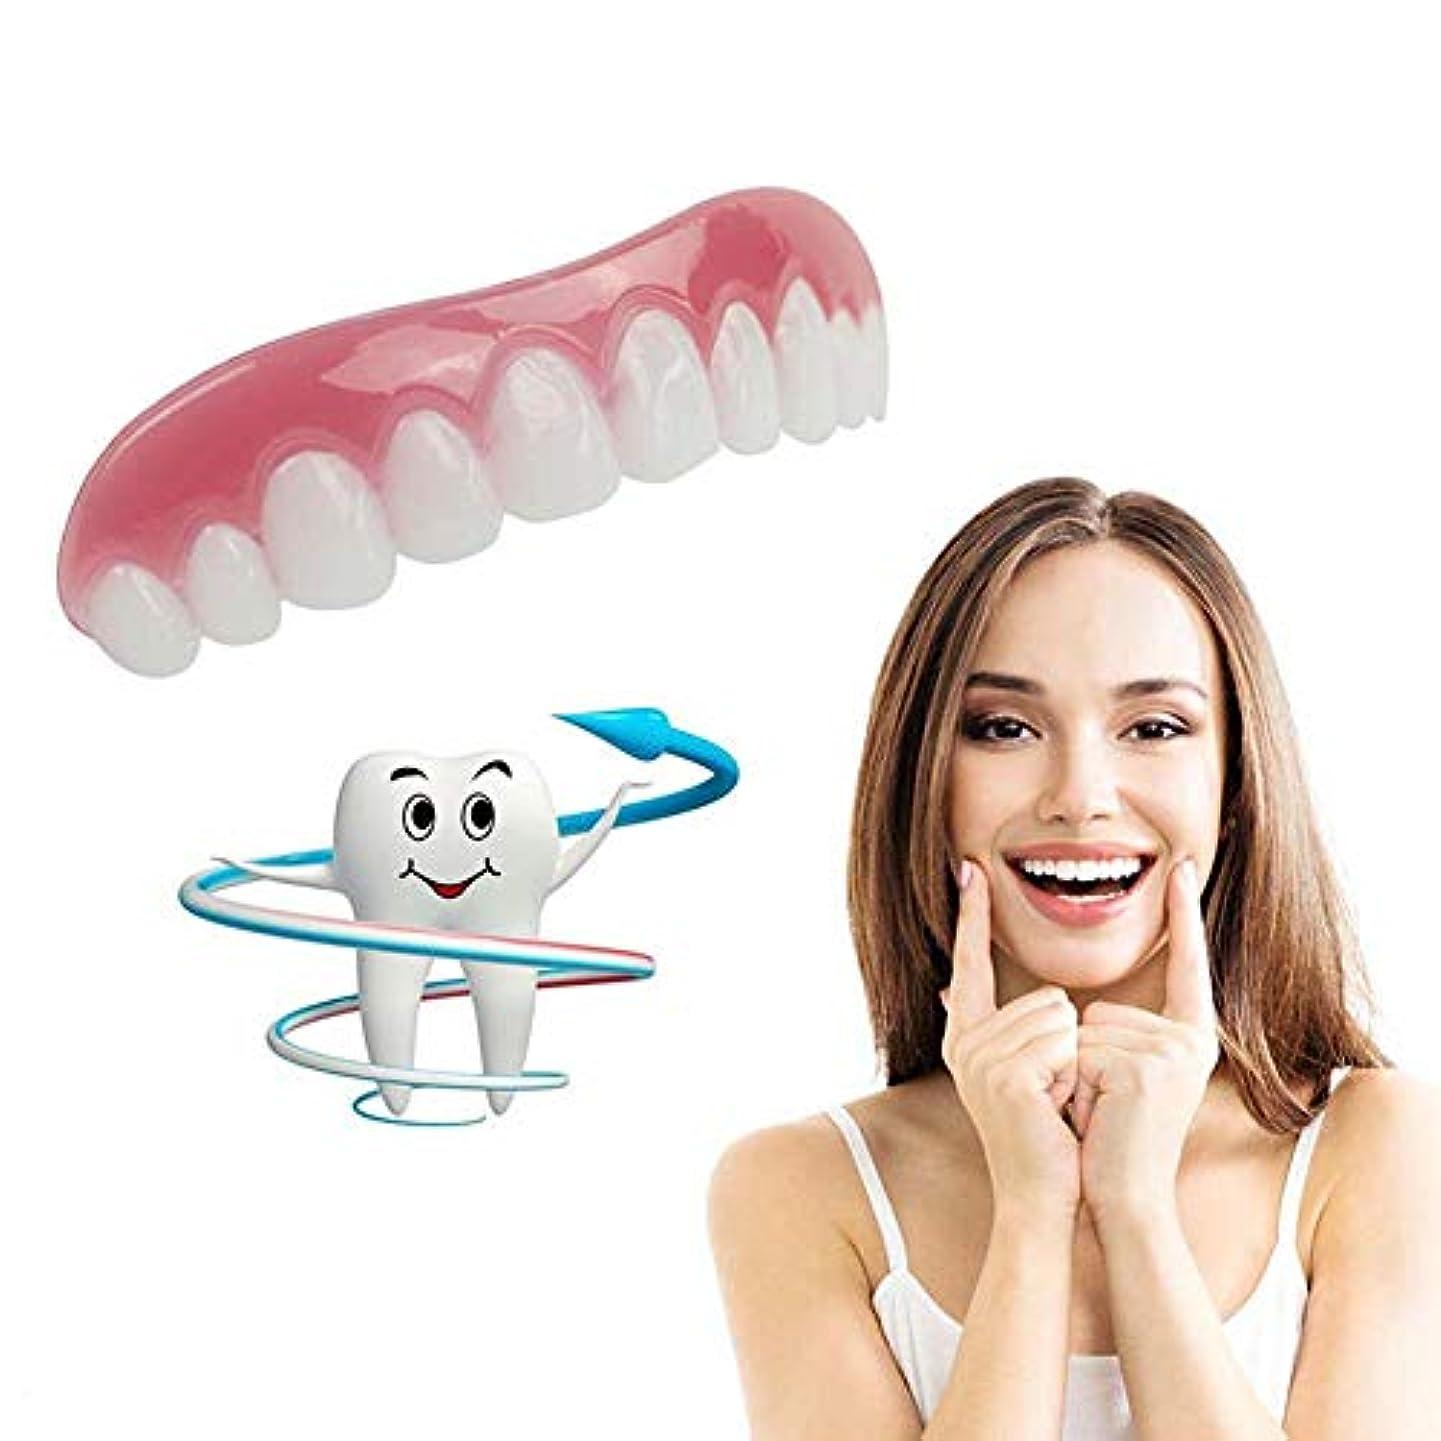 ガイダンスアイドルパシフィック化粧品の歯、超快適、快適なフィット感、白い歯をきれいにするための快適なフィットフレックス歯ソケット、快適なフィット感、3セット